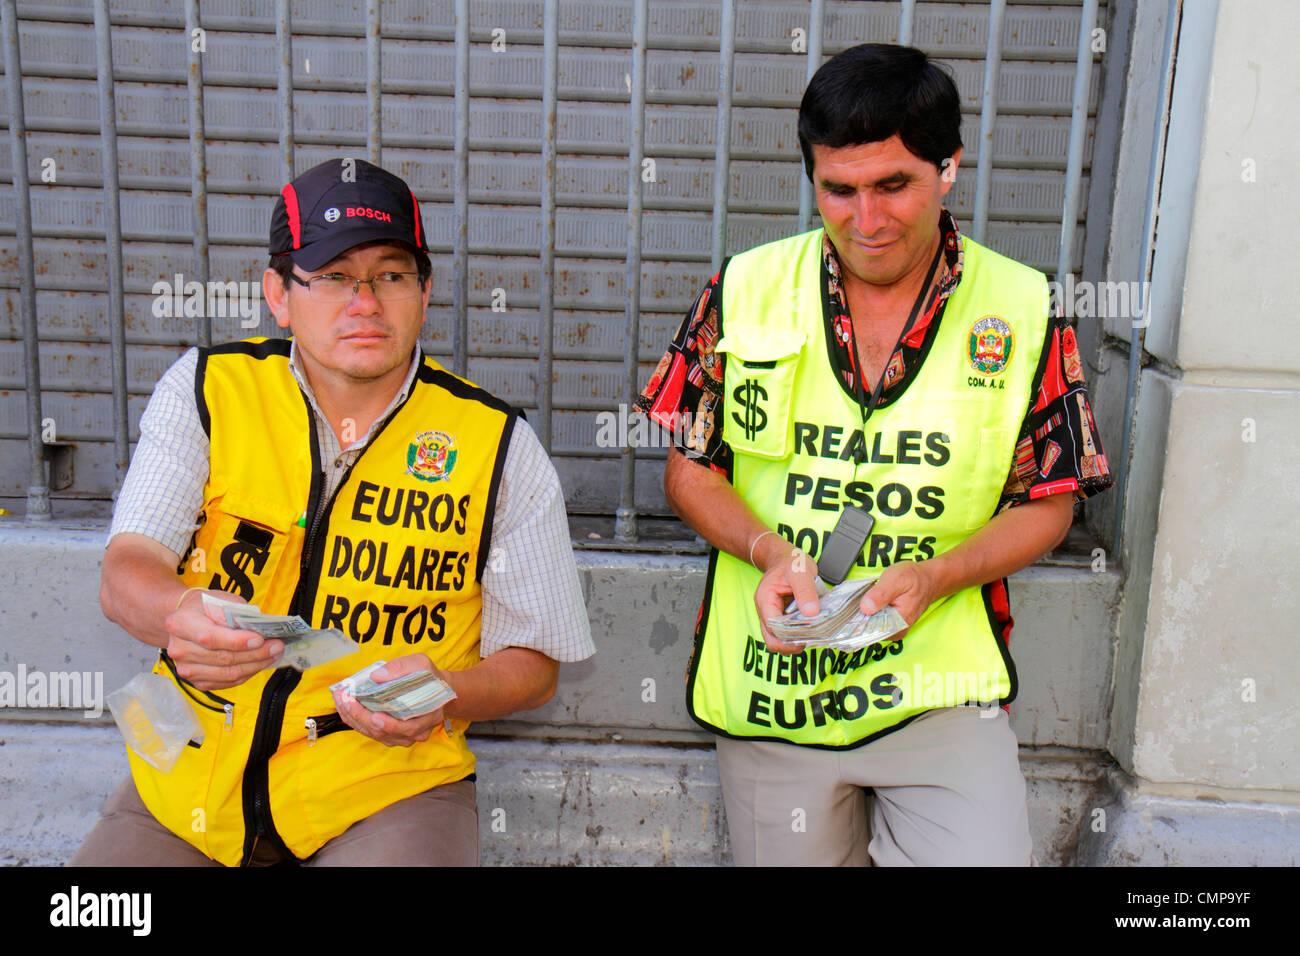 Lima Peru Jiron De La Union Geld Wechsler Währung Exchange Business Hispanic Mann Dollar Euro Peso Rechnungen Stockbild